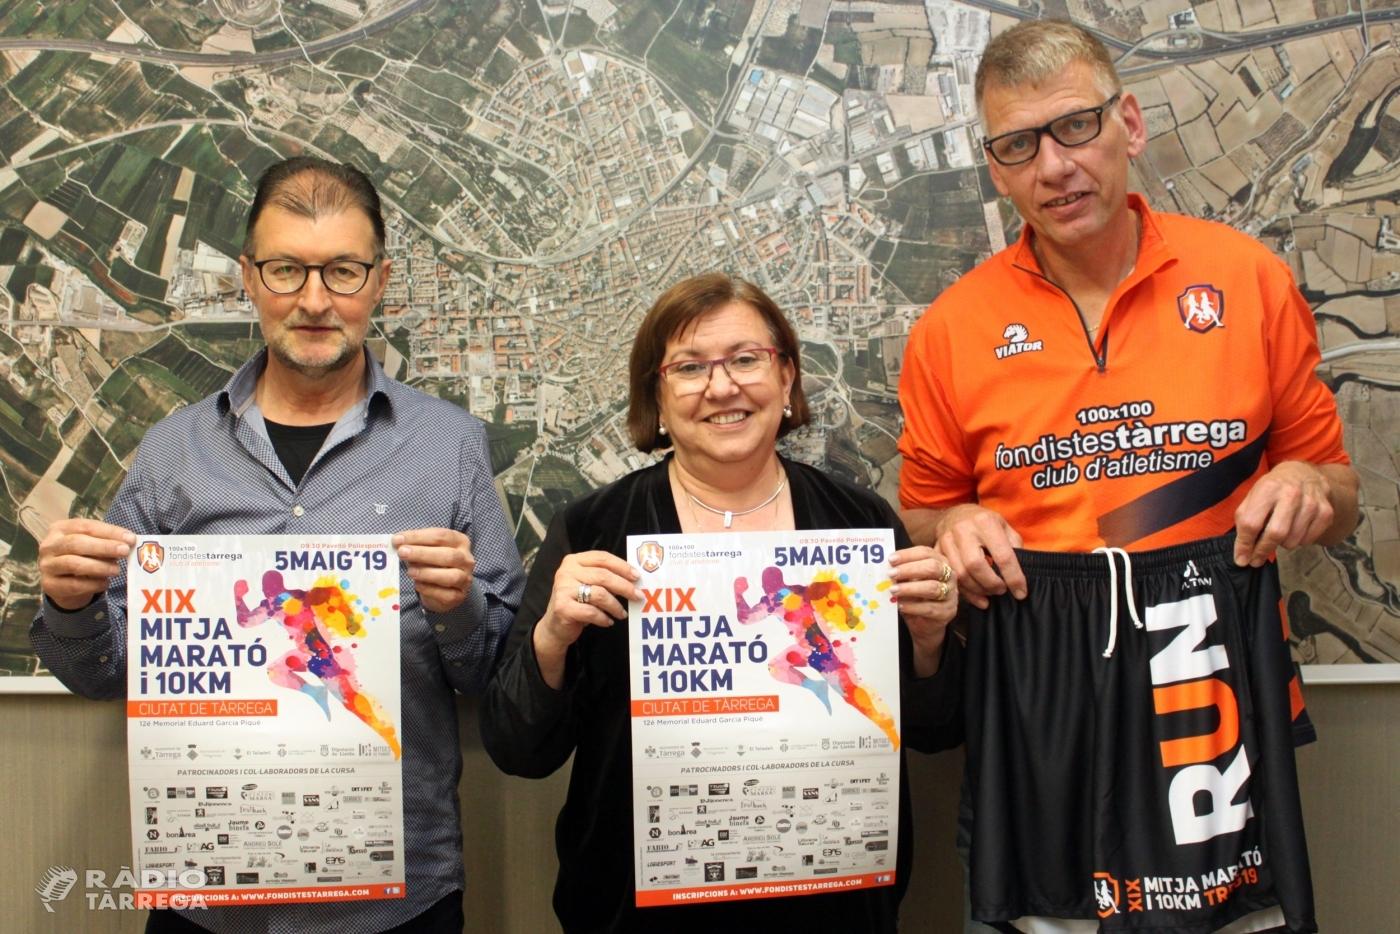 La 19a Mitja Marató i 10 KM Ciutat de Tàrrega, que se celebrarà el diumenge 5 de maig, preveu superar els 600 atletes participants